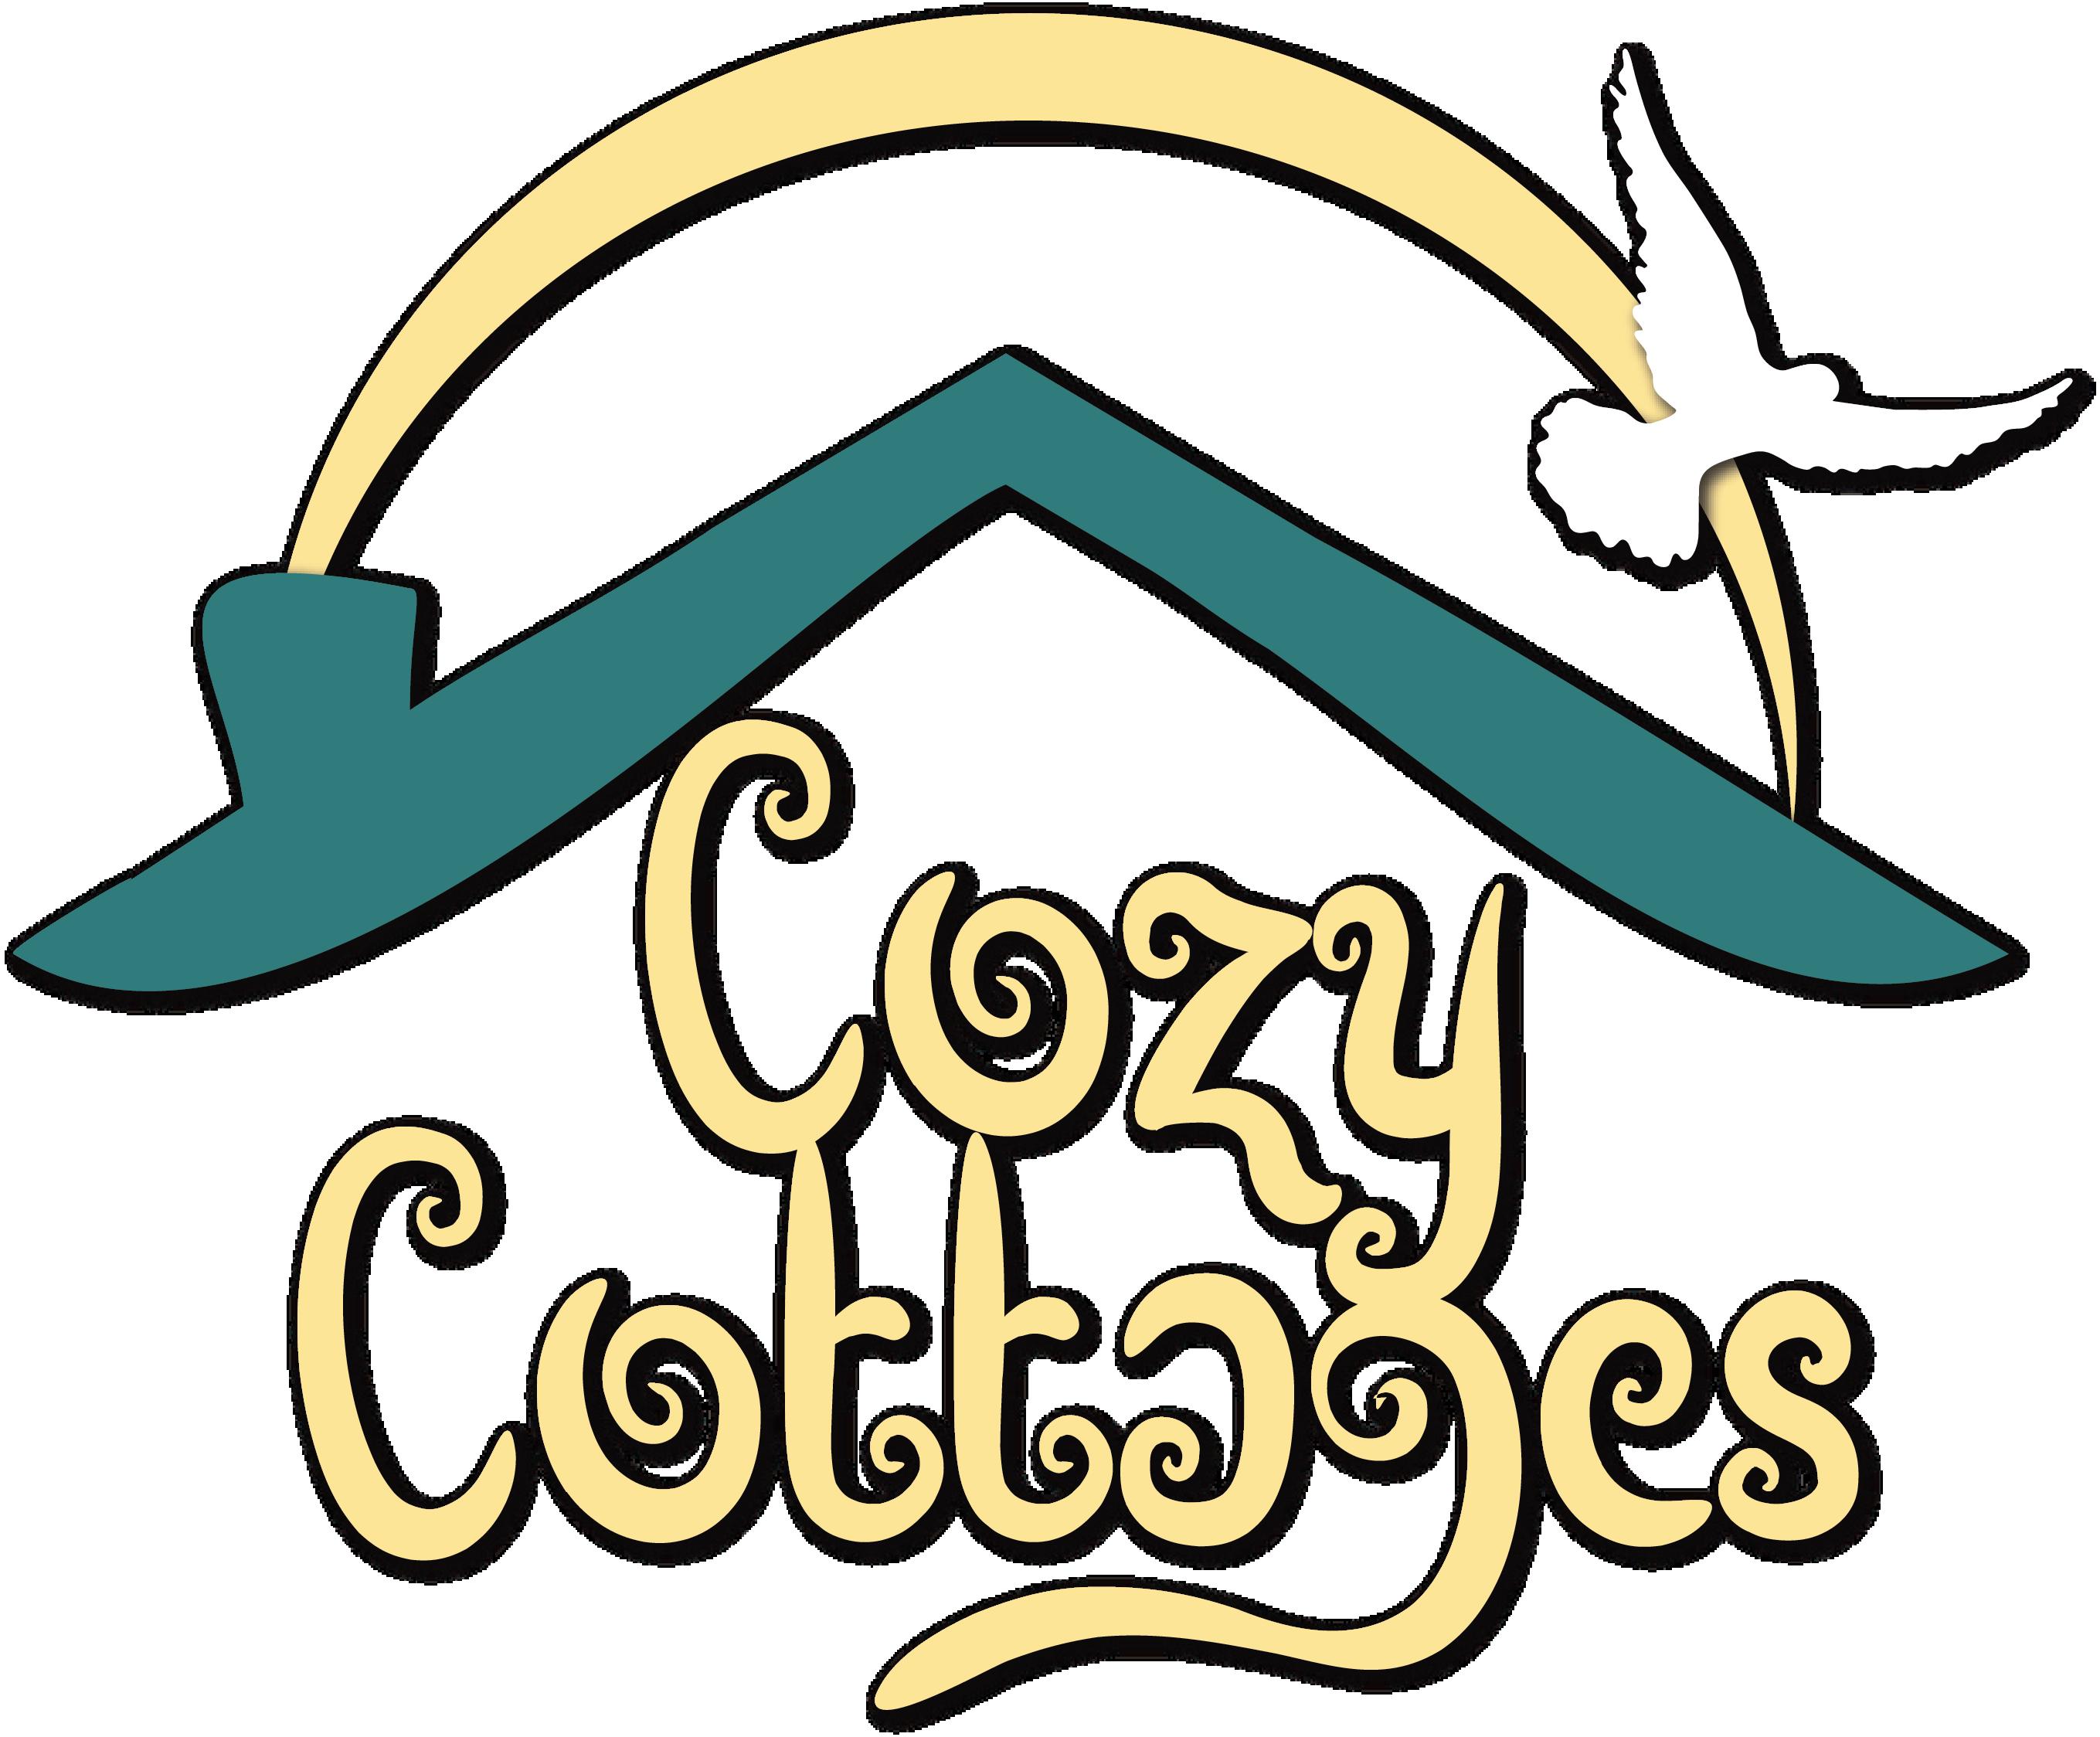 Cottage clipart cozy cottage. Cottages the jim bakker